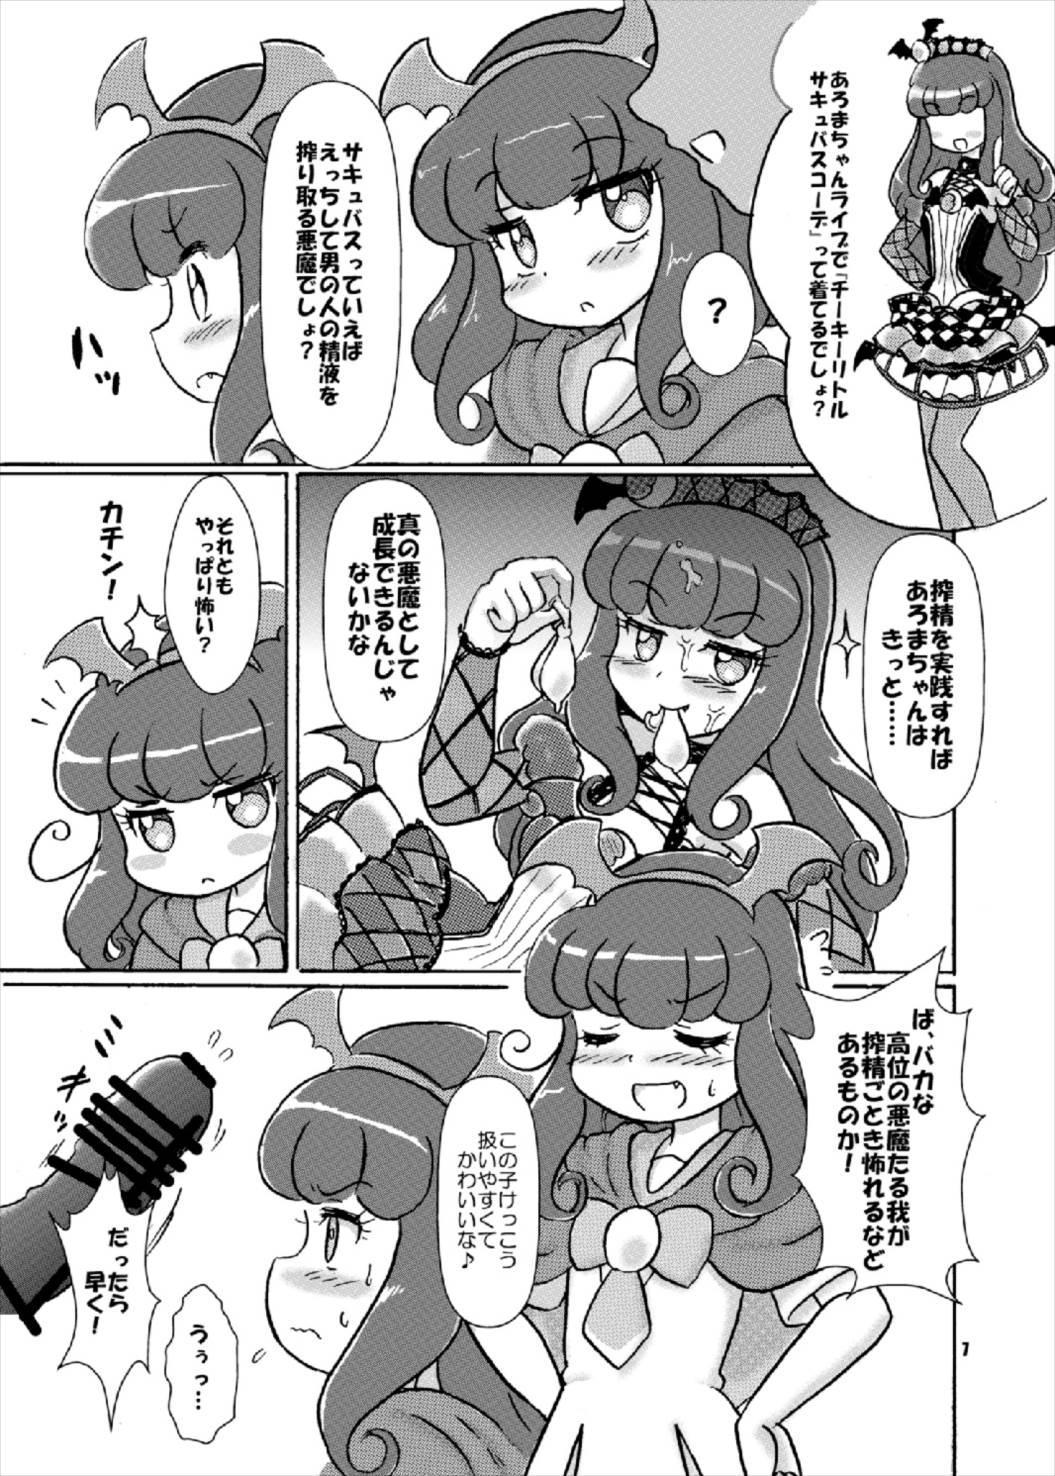 汁じる えんじぇる~ン♪ 6